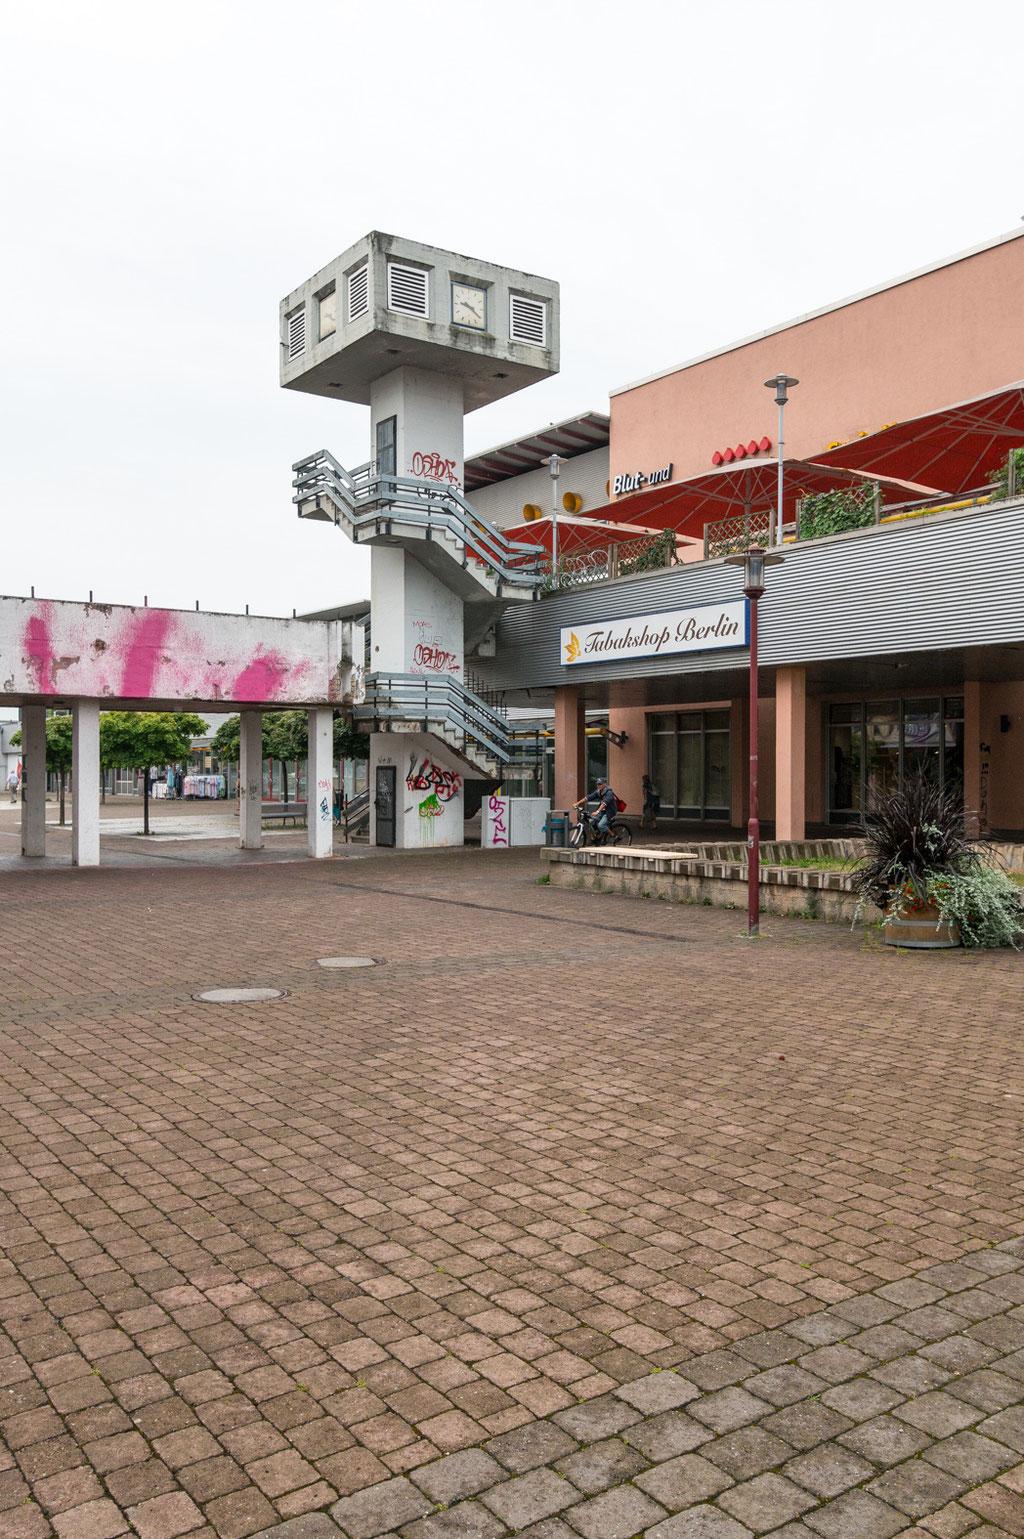 Wohngebietszentrum Vilniuspassage (Helmut Weingart),  Wandbild (Erich Enge), Rieth, Erfurt (D)